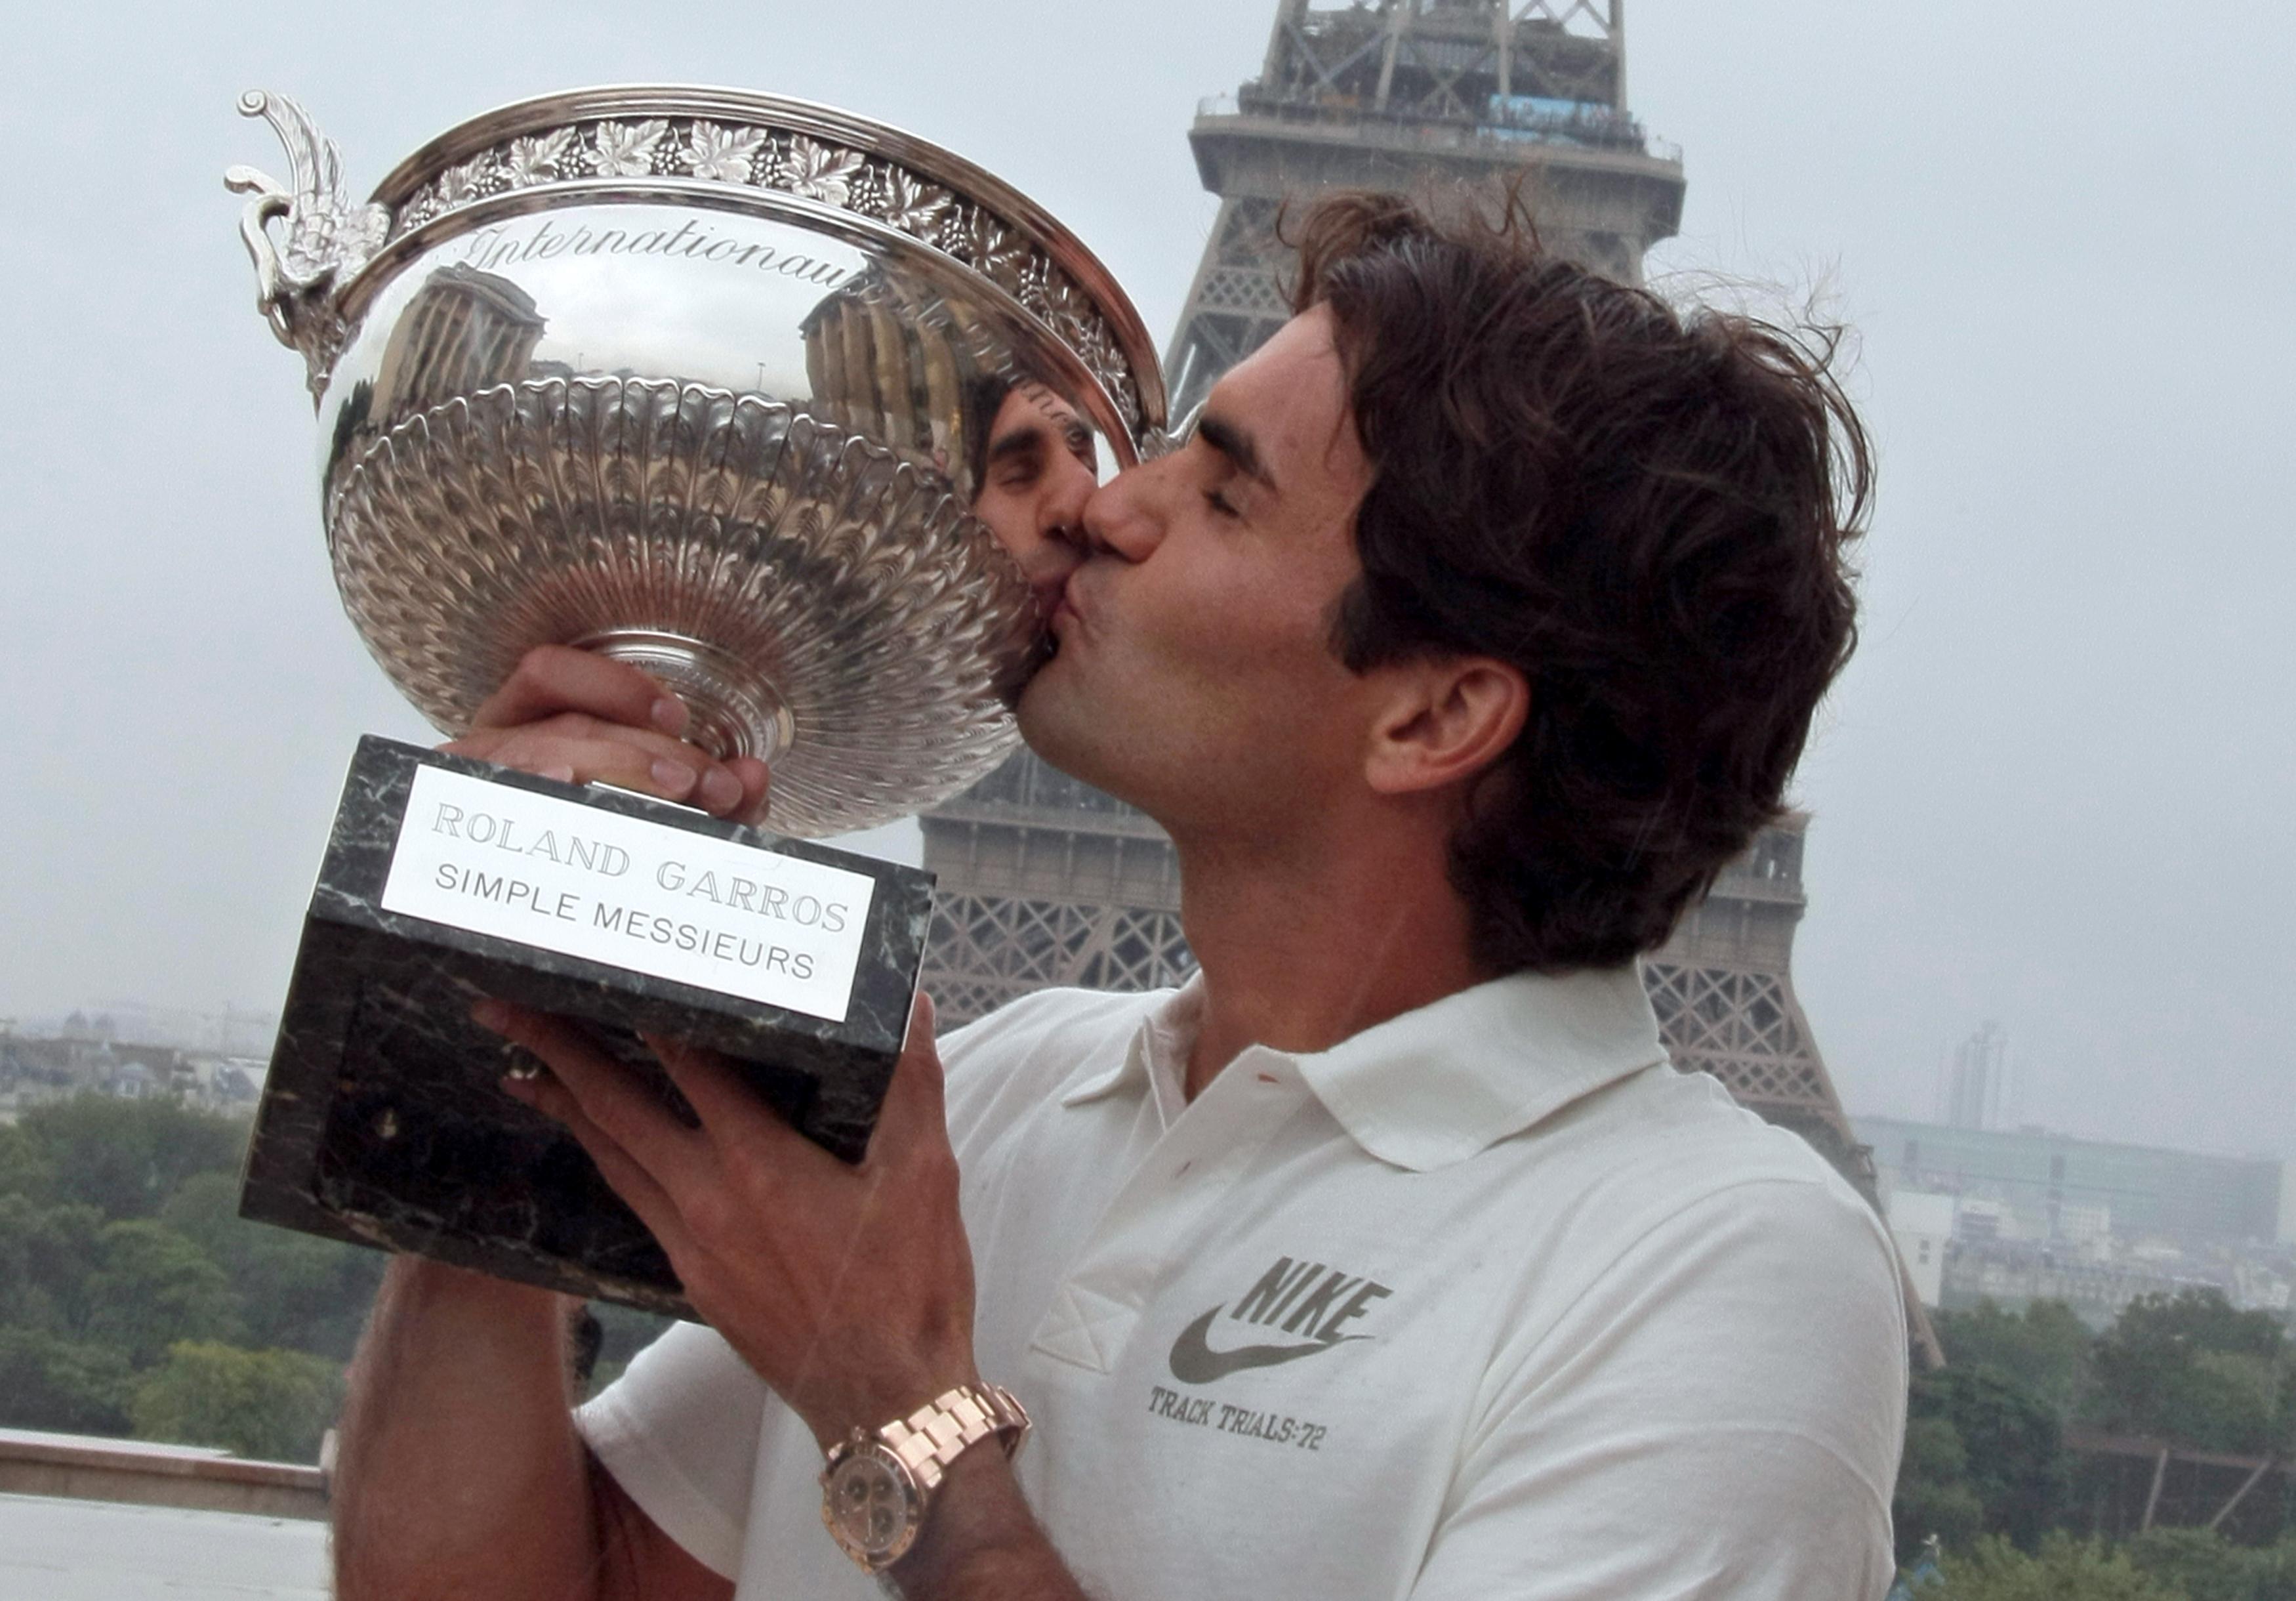 Roland Garros ohne Roger Federer